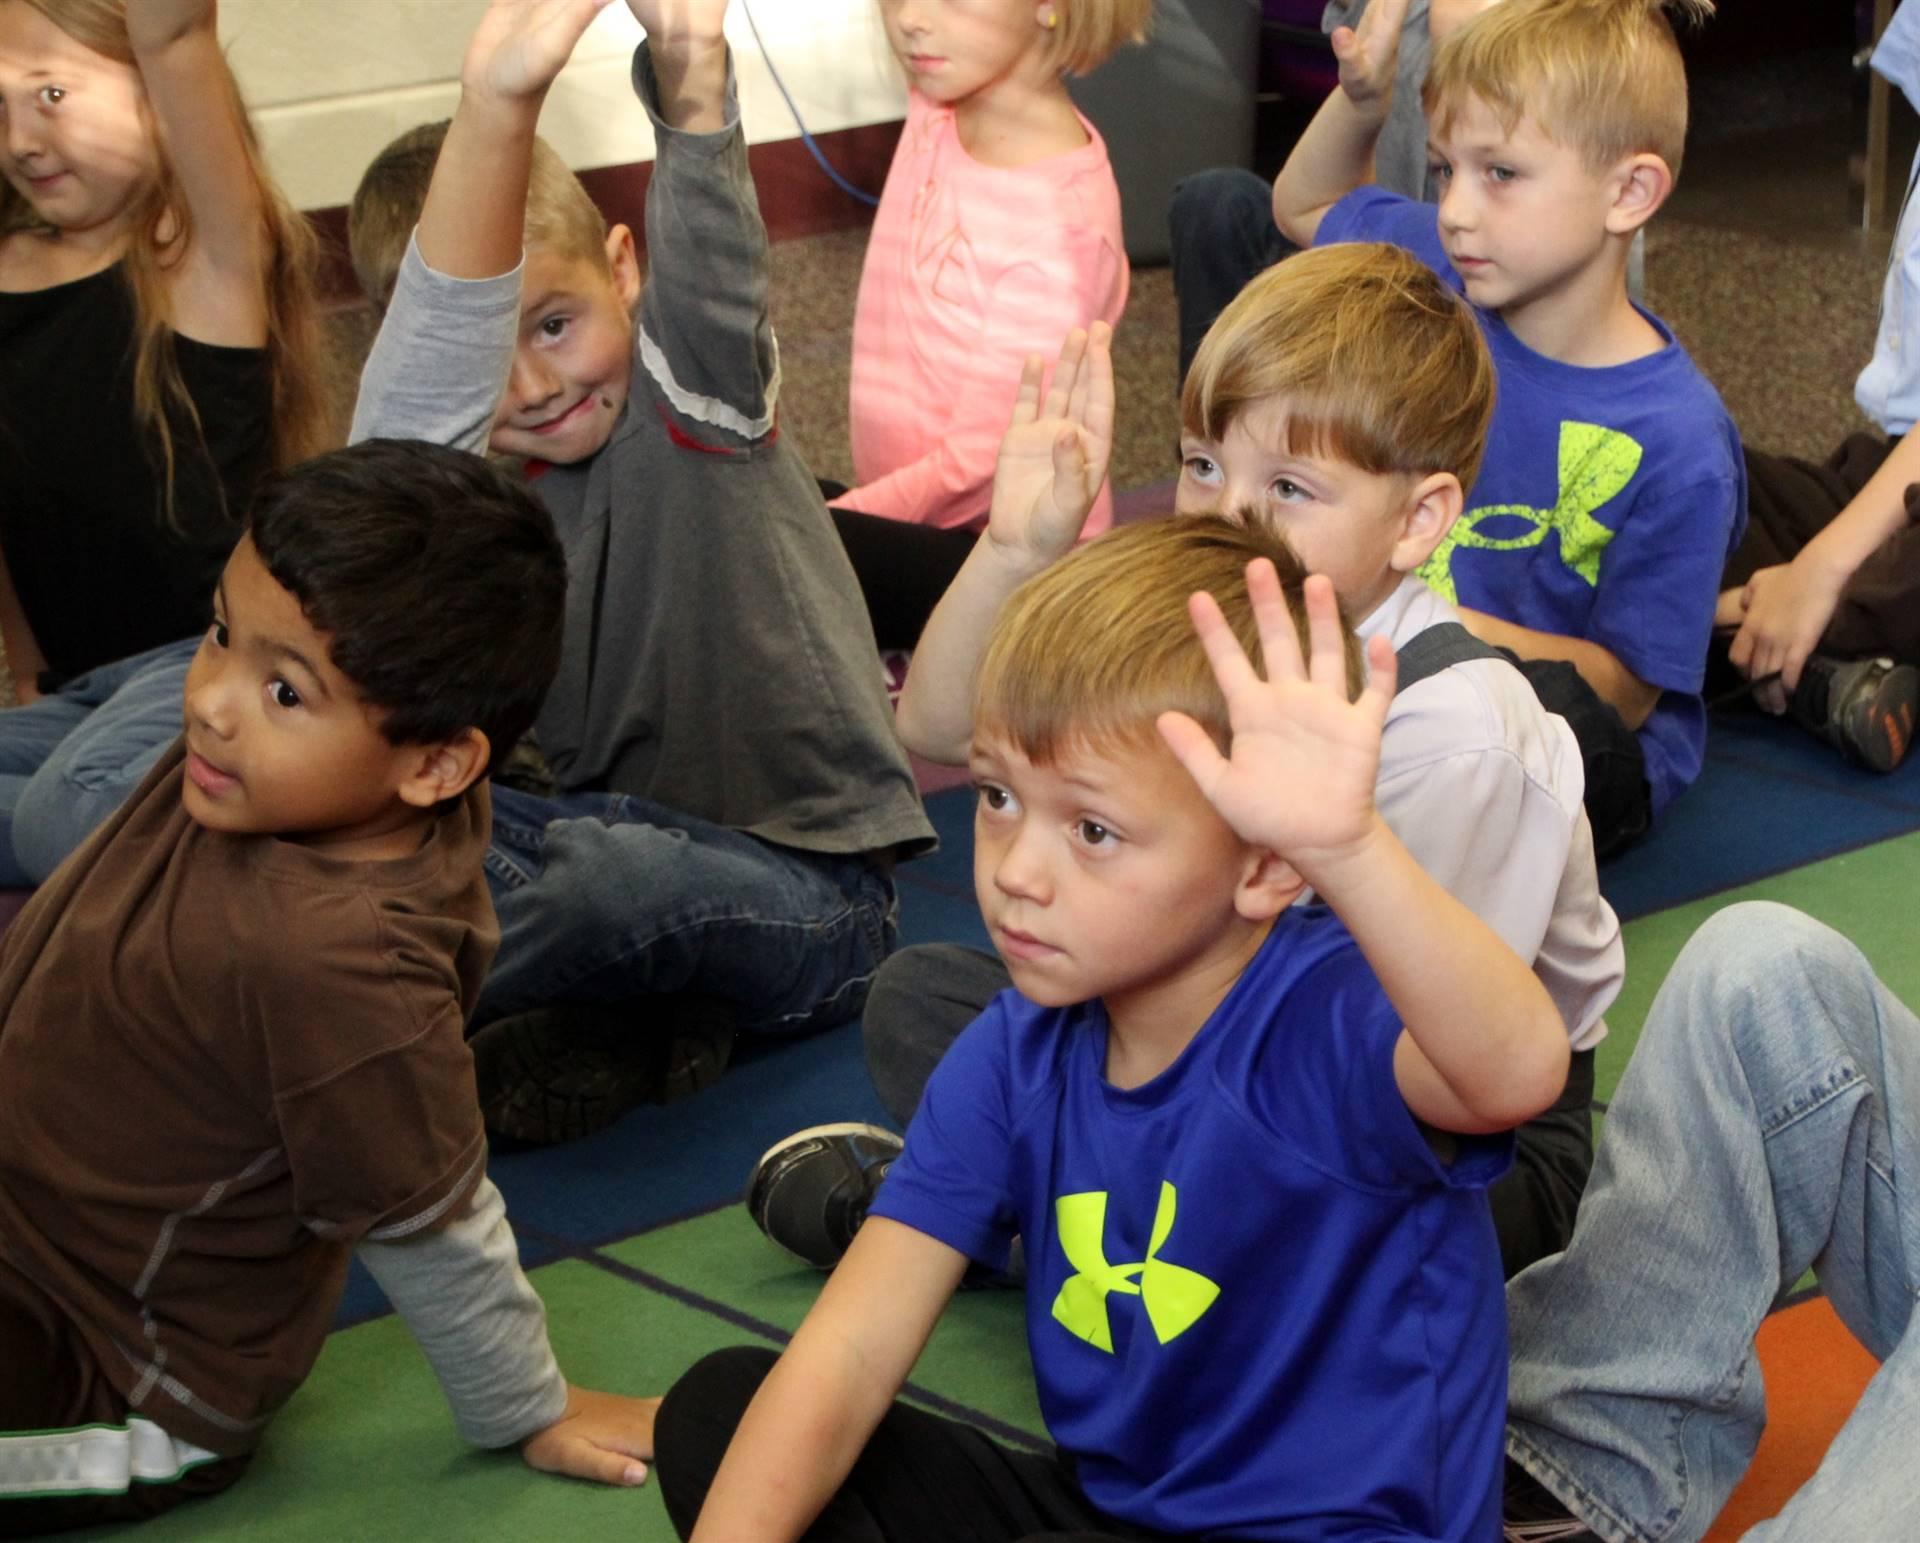 kindergarten kids raising hand